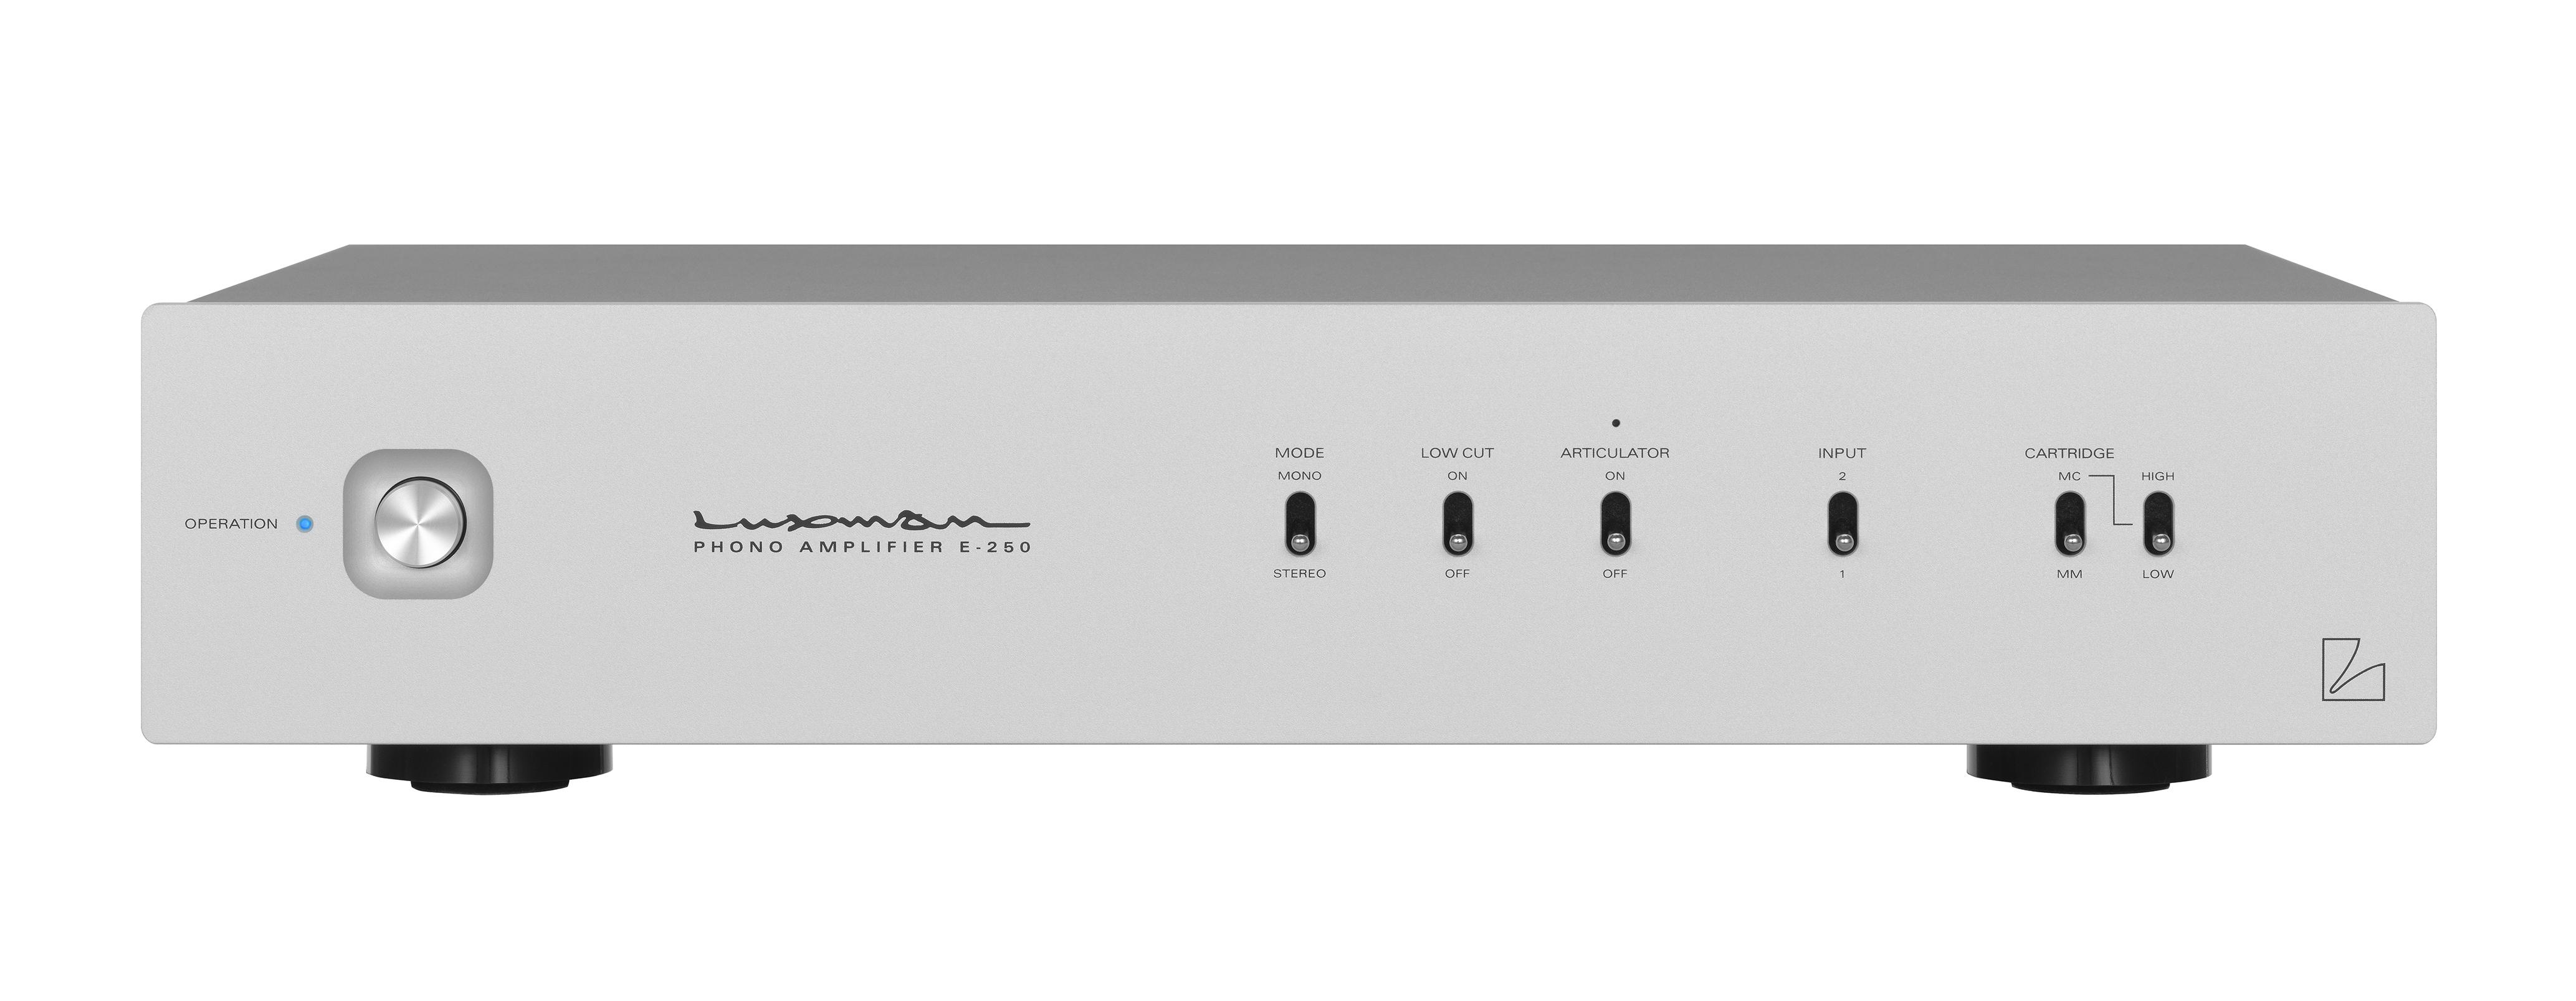 Luxman E250 Phonovorstufe der feinsten Art in der Vorführung